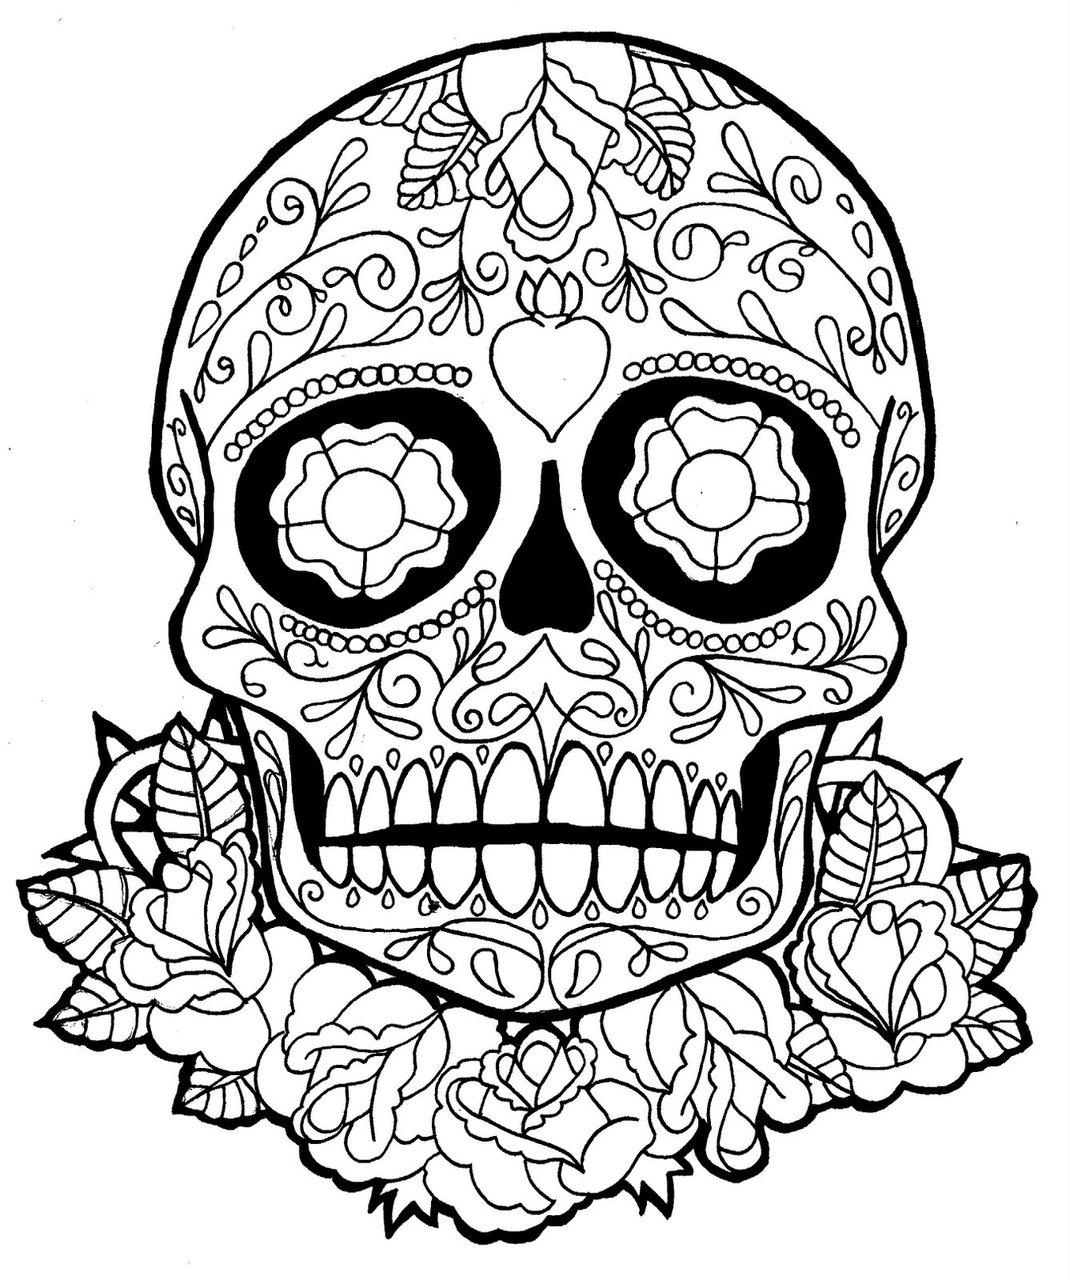 1070x1280 Dia De Los Muertos Coloring Pages